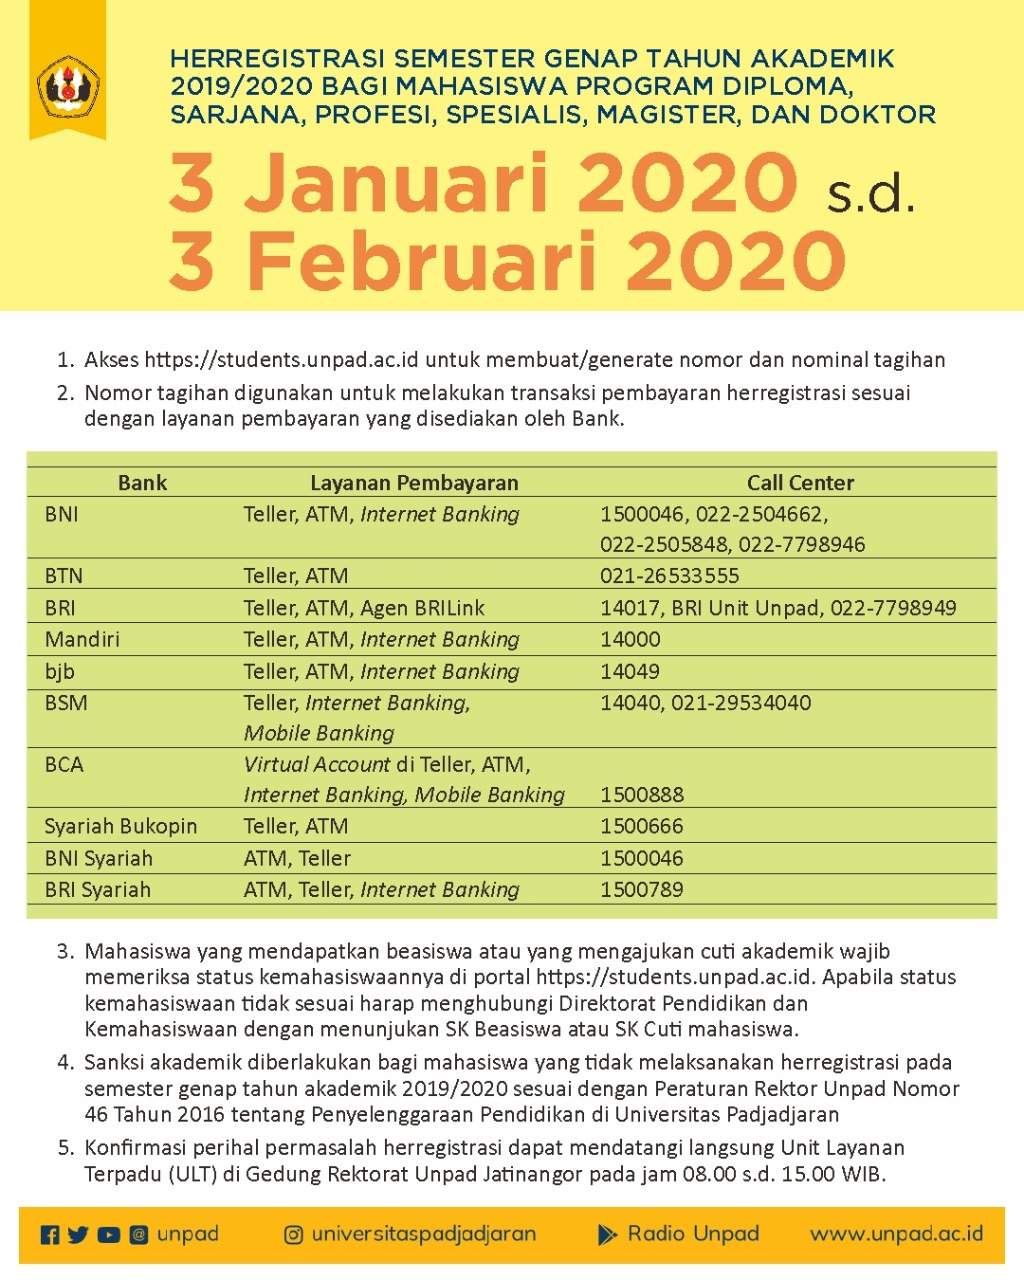 Jadwal Herregistrasi  Semester Genap  2019/2020